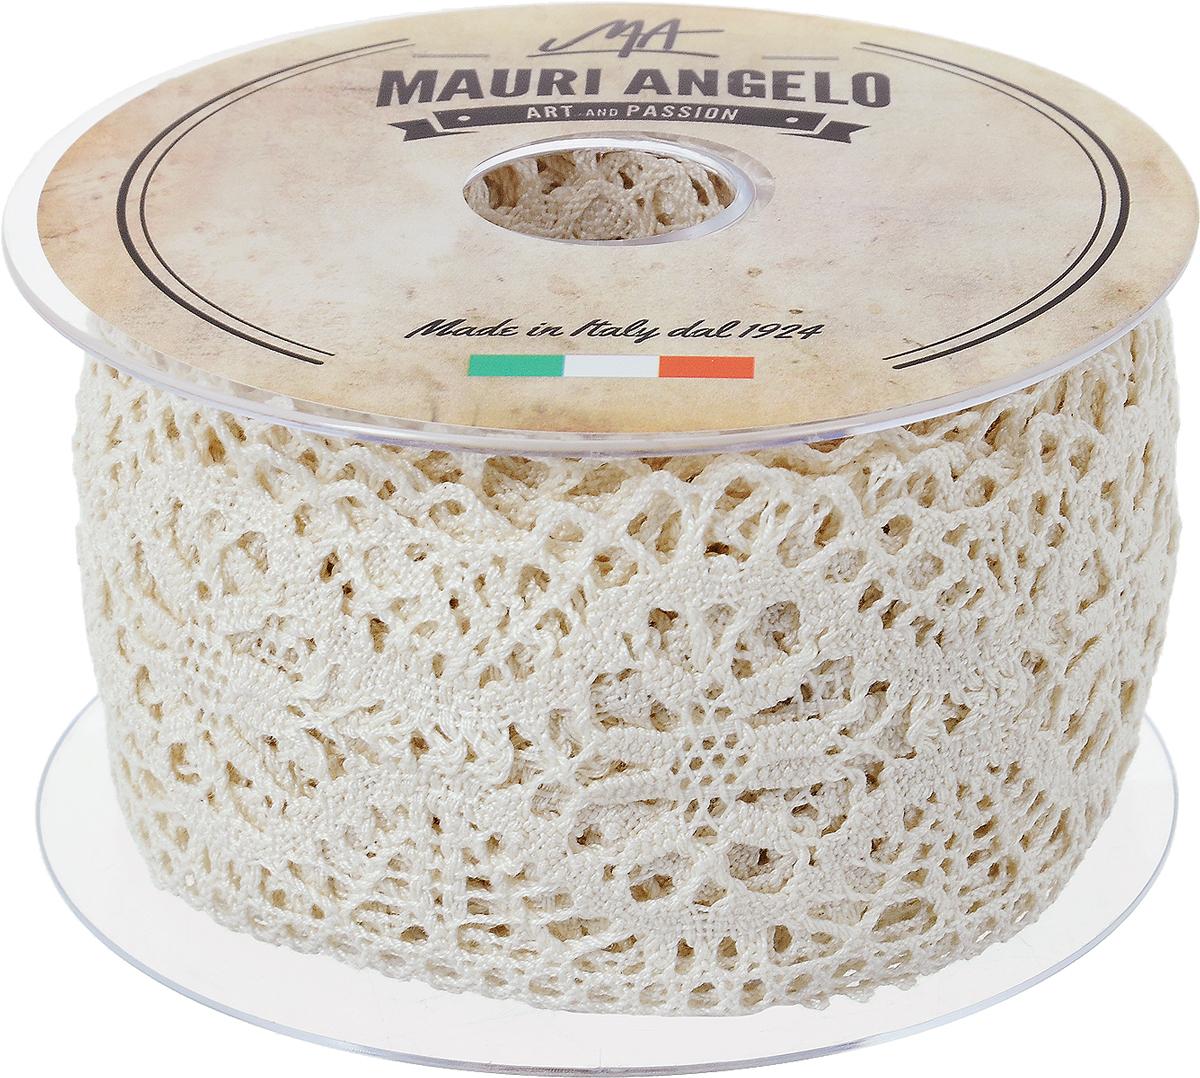 Лента кружевная Mauri Angelo, цвет: бежевый, 6,3 см х 10 мNLED-454-9W-BKДекоративная кружевная лента Mauri Angelo - текстильное изделие без тканой основы, в котором ажурный орнамент и изображения образуются в результате переплетения нитей. Кружево применяется для отделки одежды, белья в виде окаймления или вставок, а также в оформлении интерьера, декоративных панно, скатертей, тюлей, покрывал. Главные особенности кружева - воздушность, тонкость, эластичность, узорность.Декоративная кружевная лента Mauri Angelo станет незаменимым элементом в создании рукотворного шедевра. Ширина: 6,3 см.Длина: 10 м.